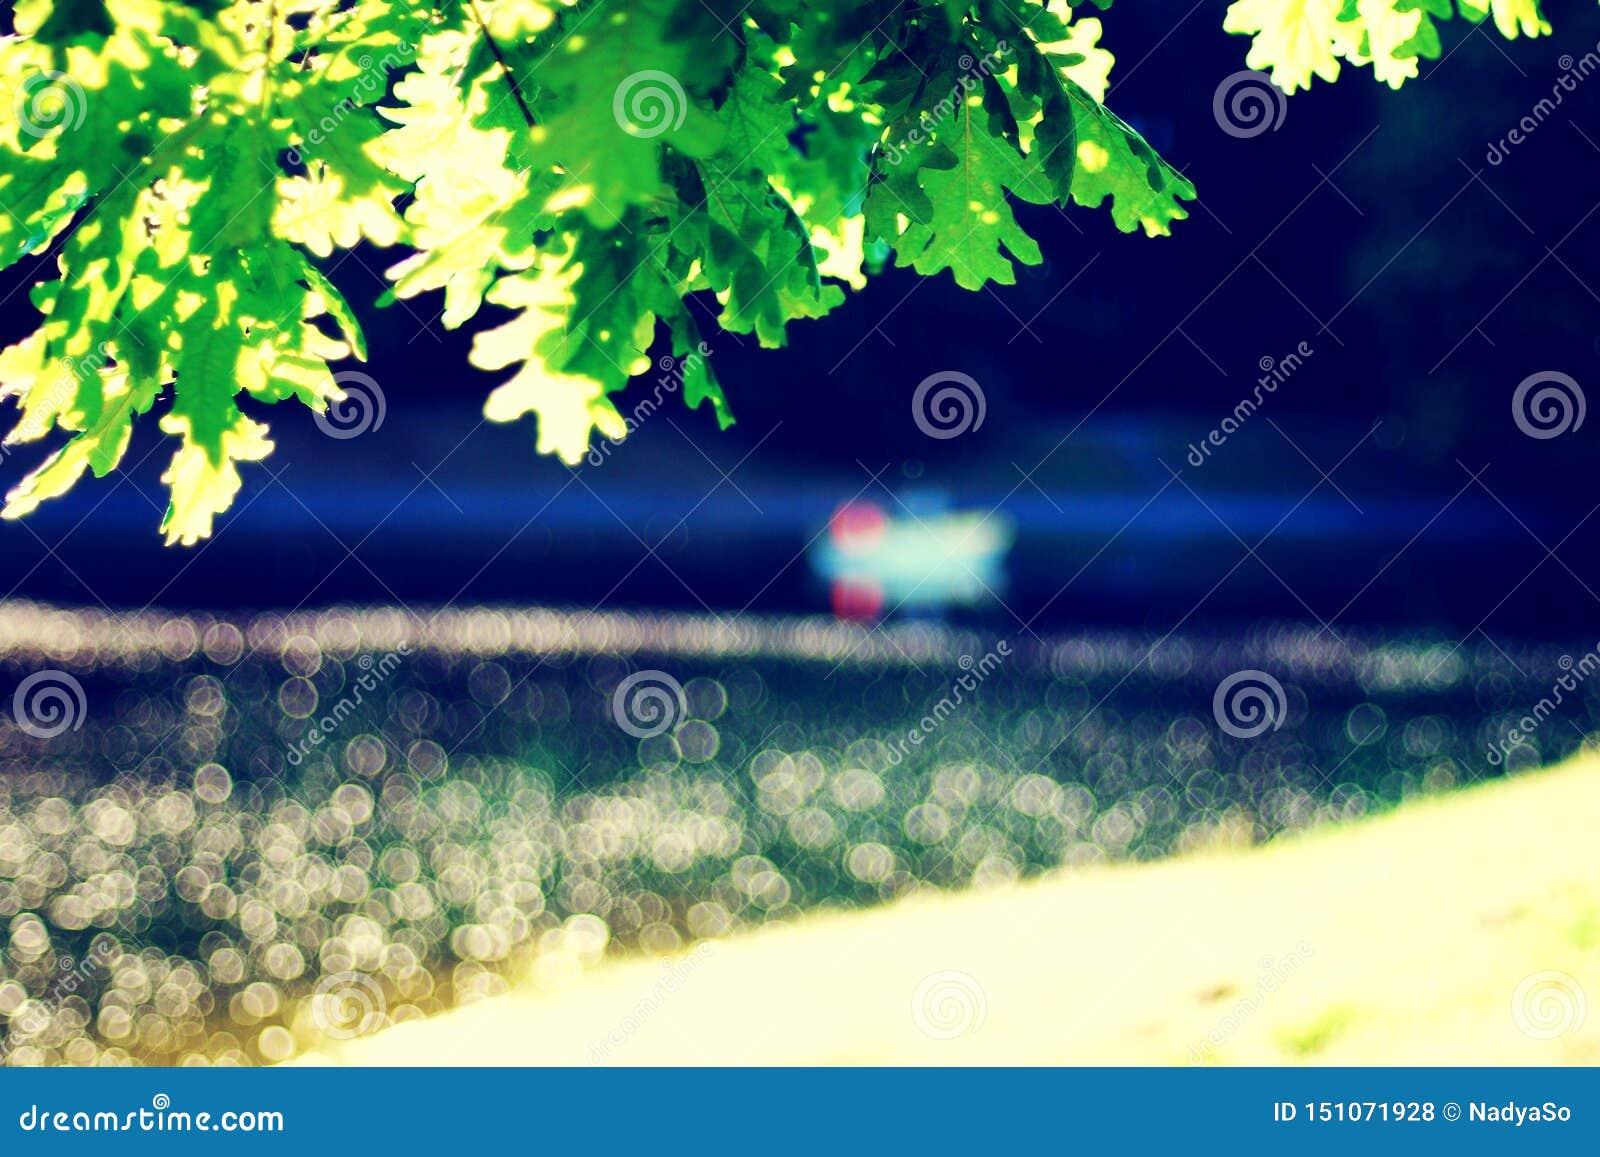 Lagoa borrada do parque com barco, salpicaduras da folha clara, verde do carvalho